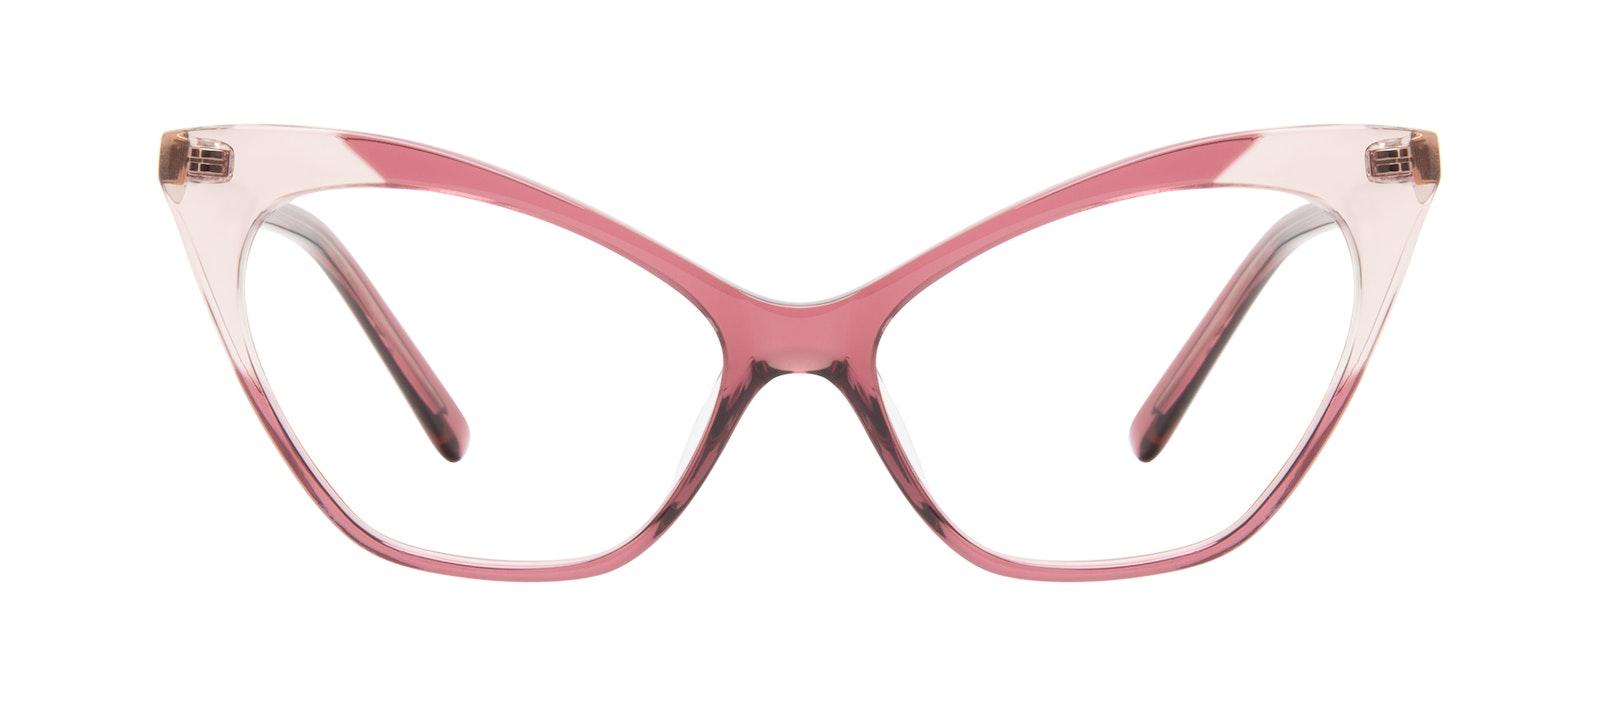 Lunettes tendance Oeil de chat Lunettes de vue Femmes Gossip Orchid Pink Face